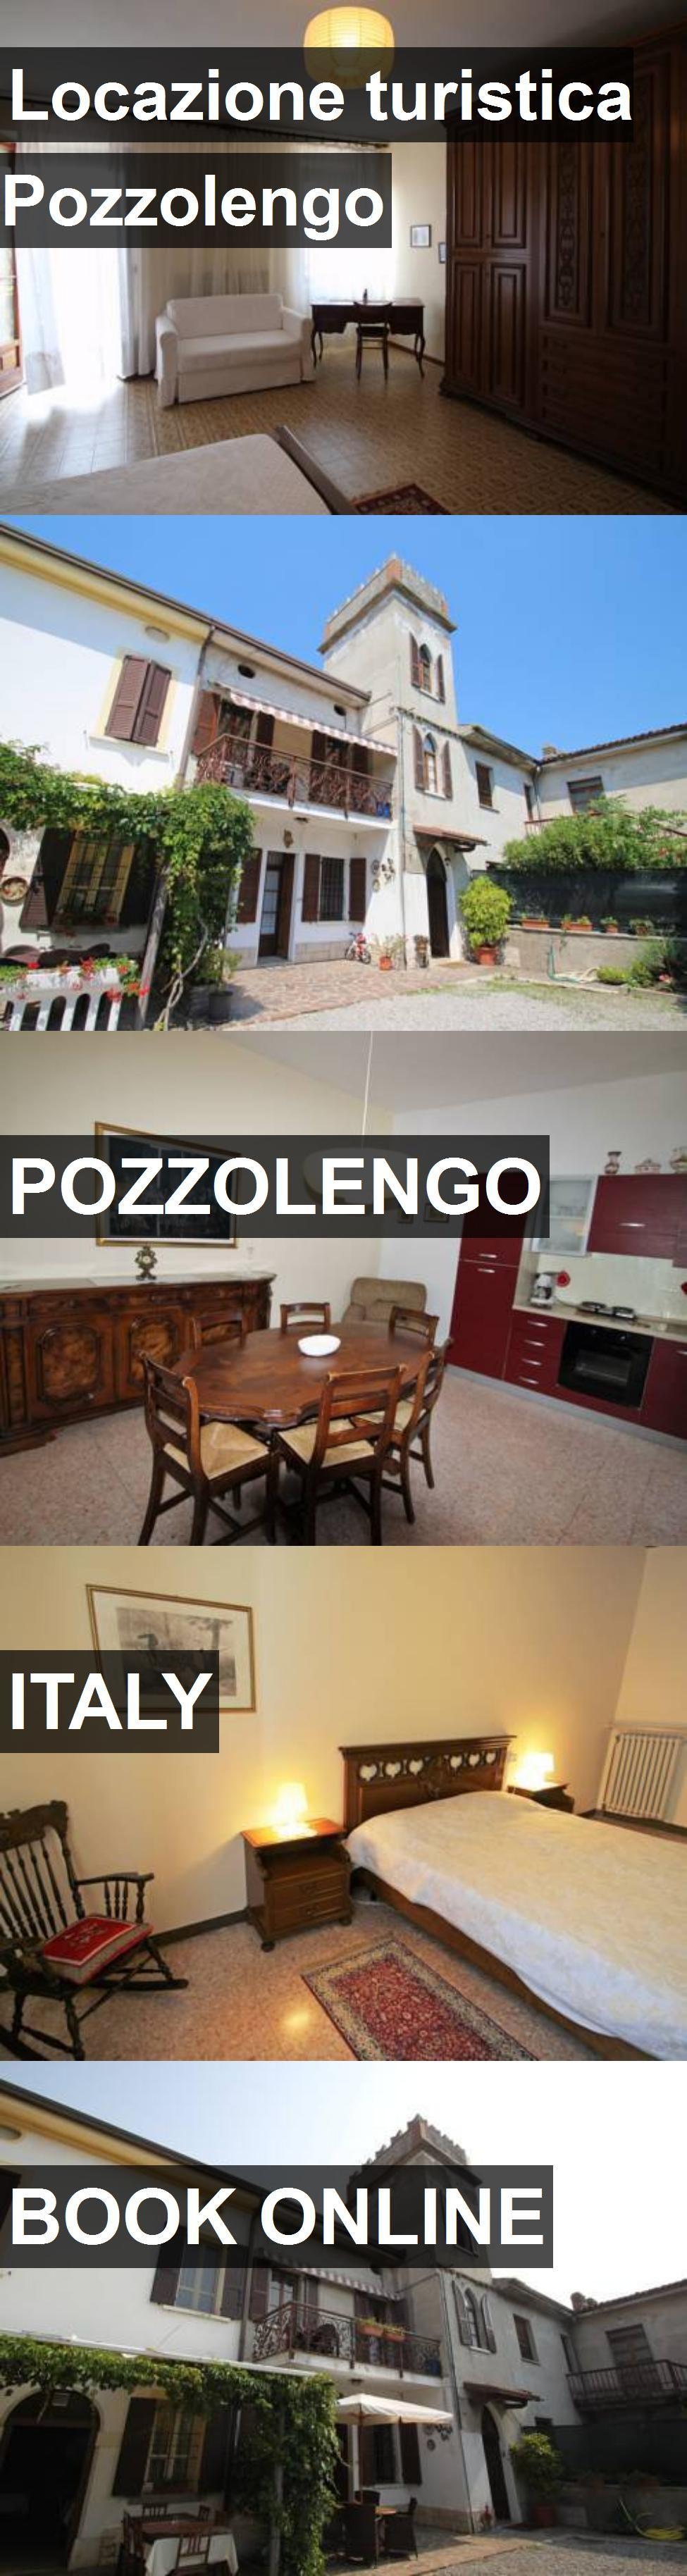 Hotel Locazione turistica Pozzolengo in Pozzolengo, Italy